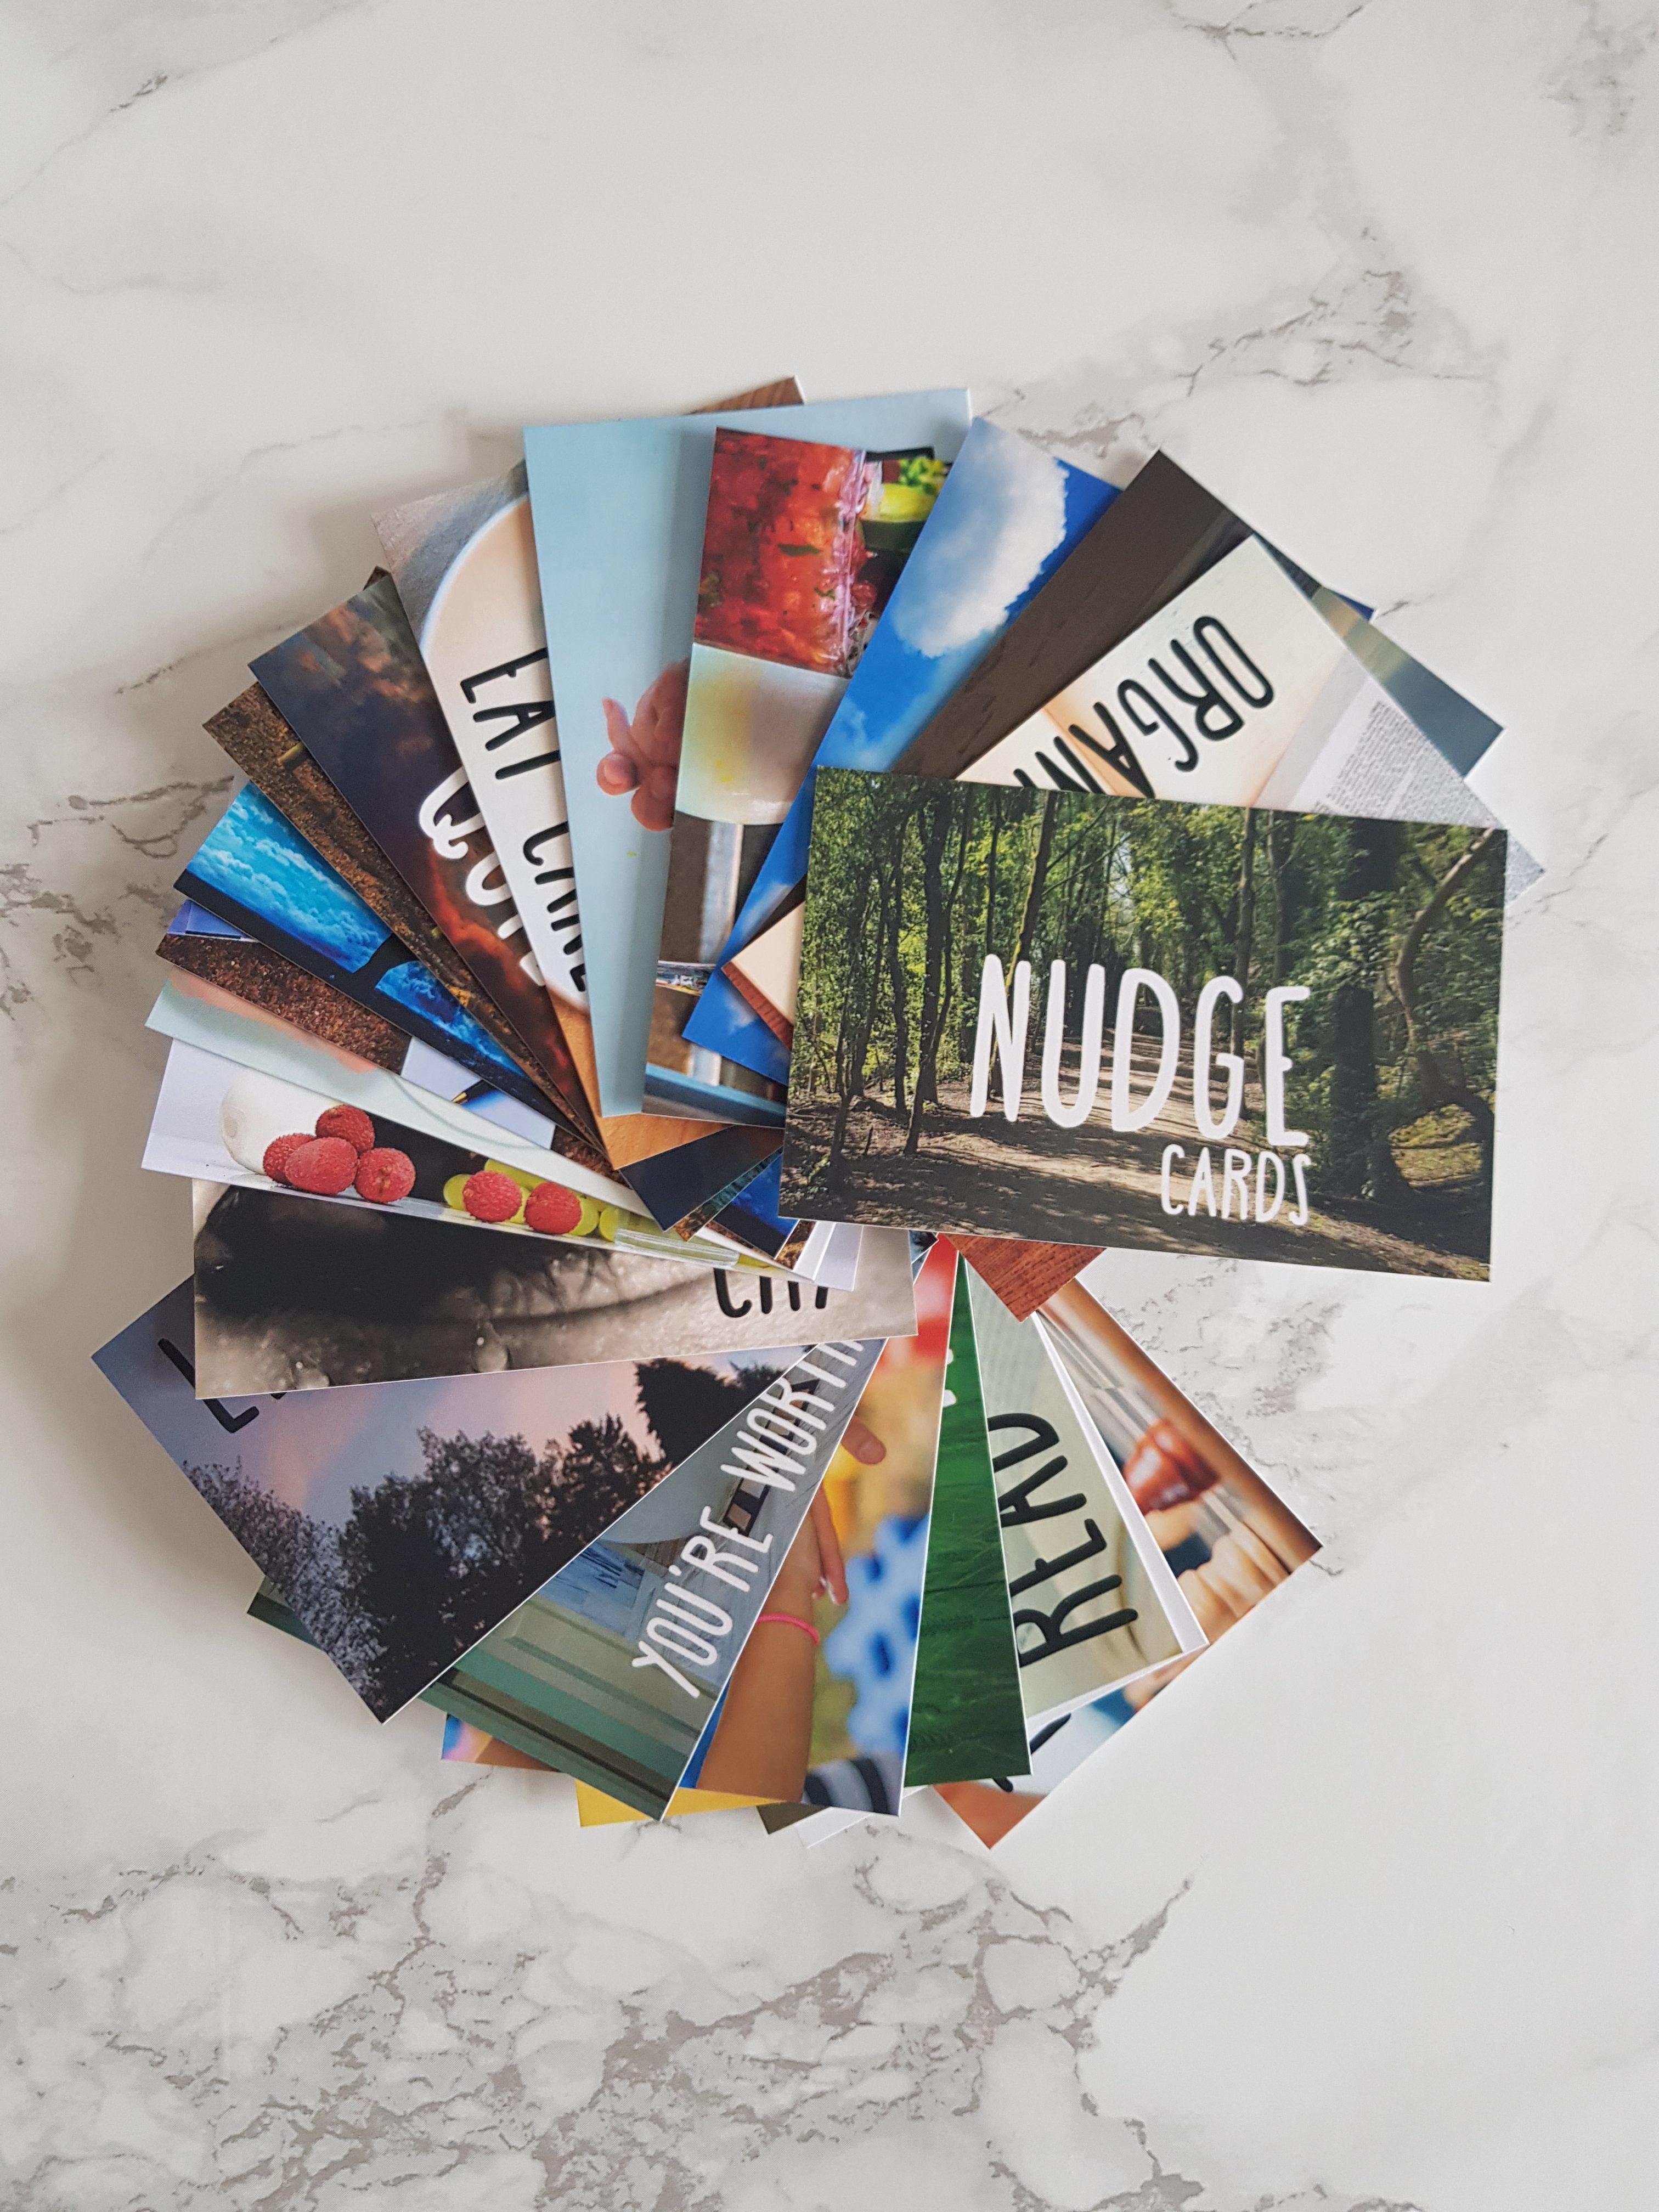 nudge cards